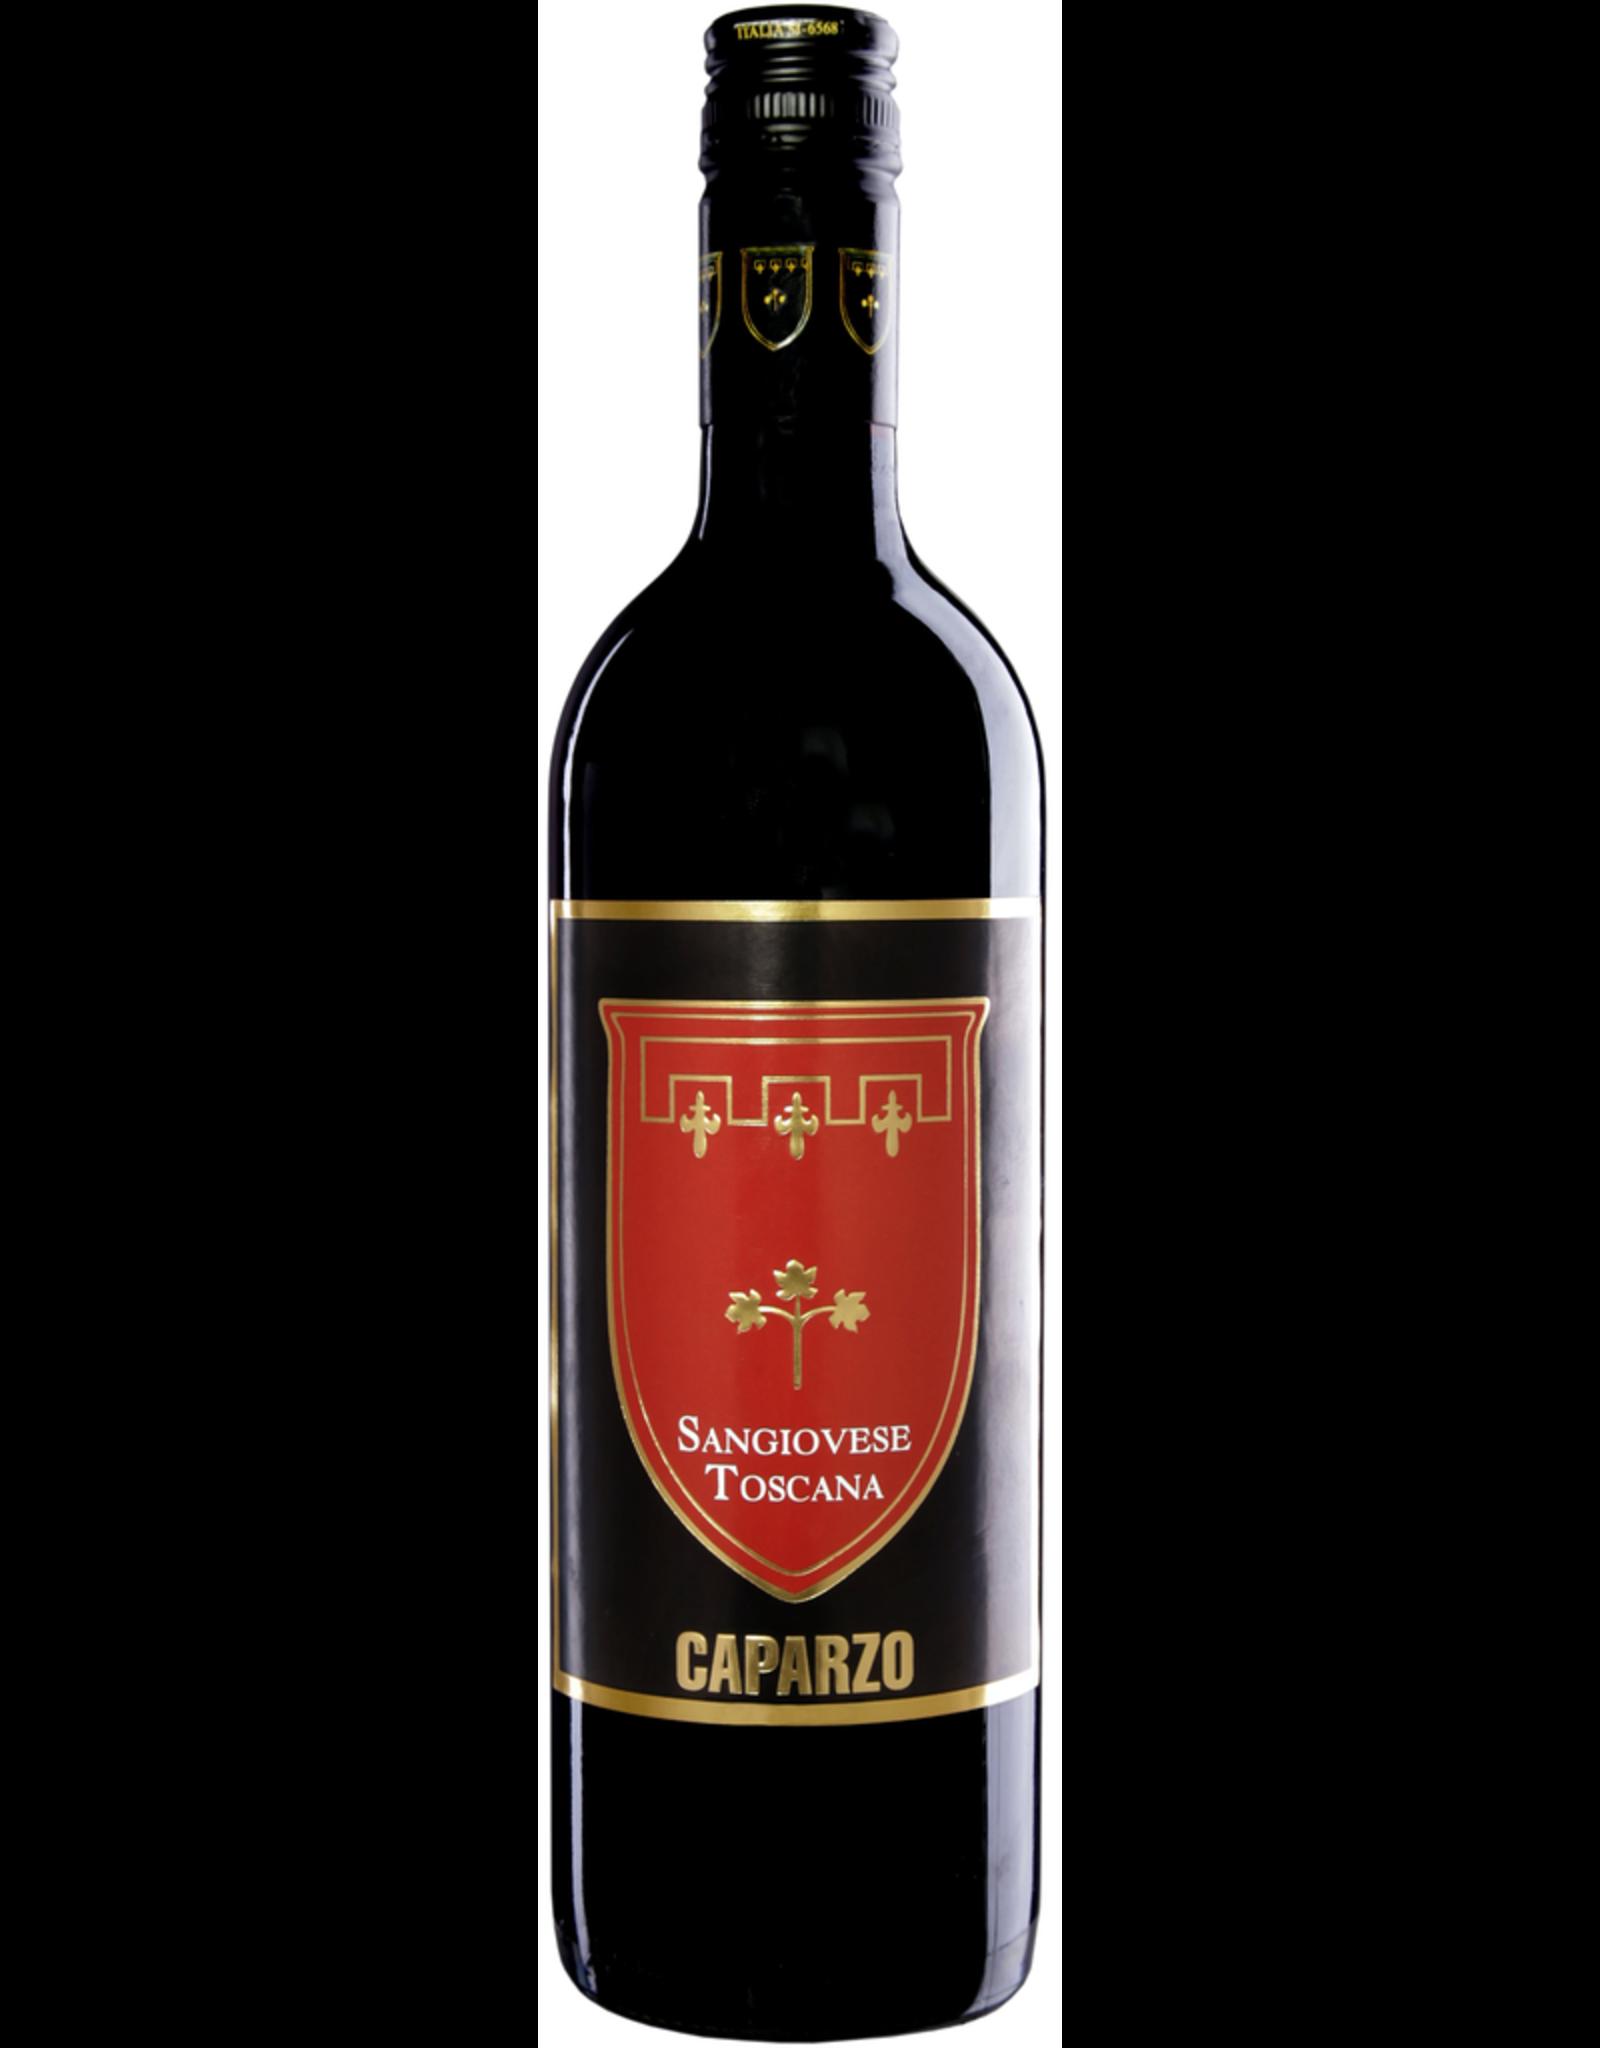 Red Wine 2018, Caparzo Sangiovese, Chianti, Tuscany, Italy, 14.5% Alc, CTnr